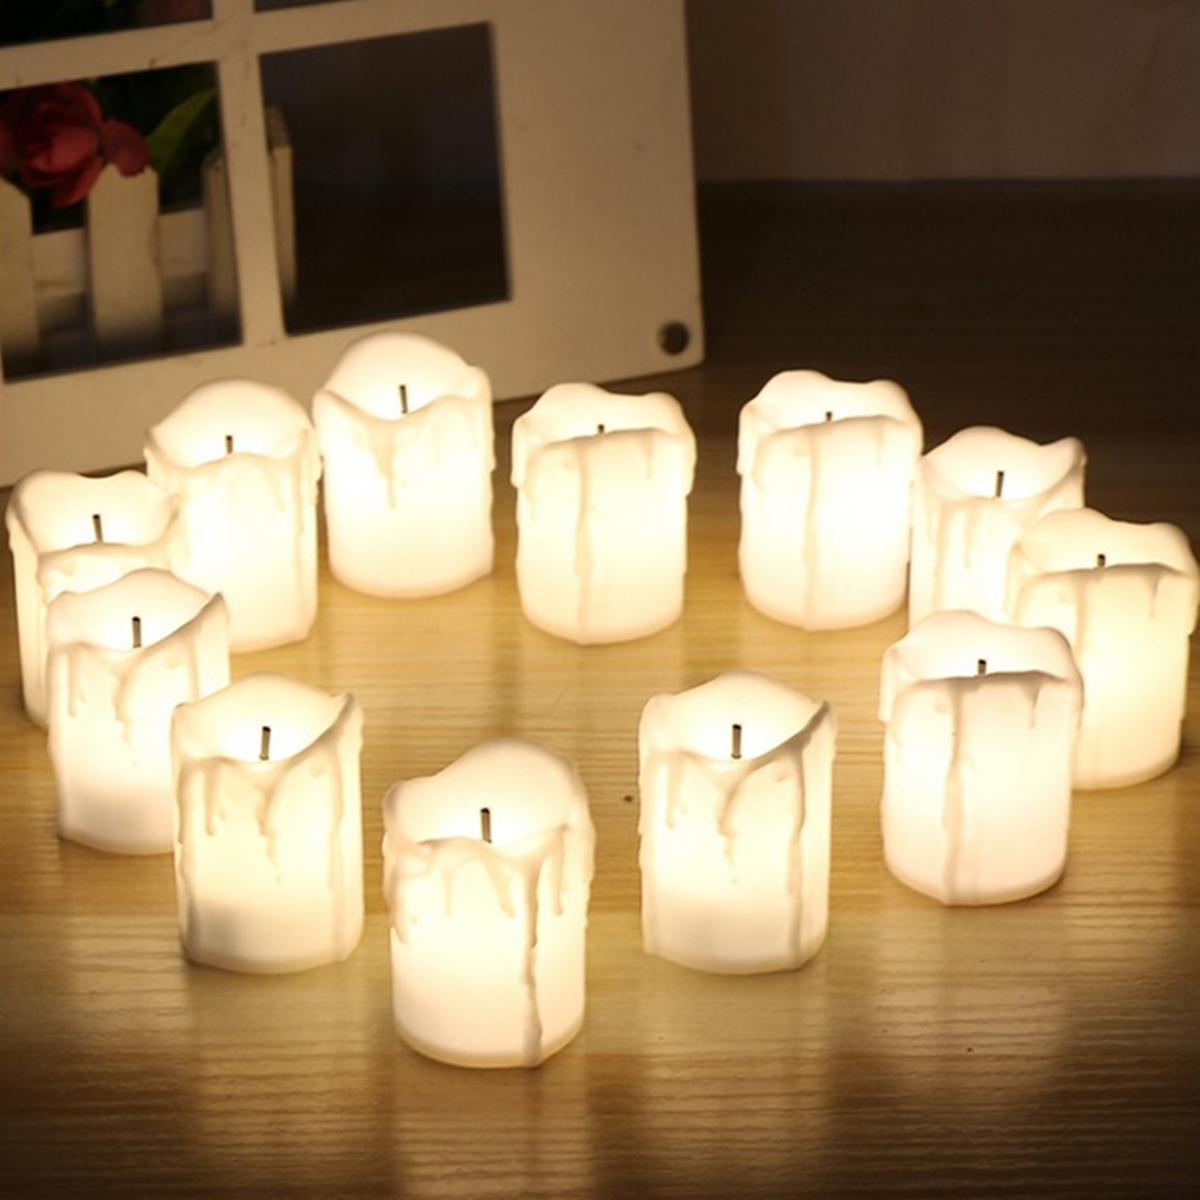 12Pcs LED Чай Свеча свеча Чай Легкий беспламенный мерцание Батарея Украшения